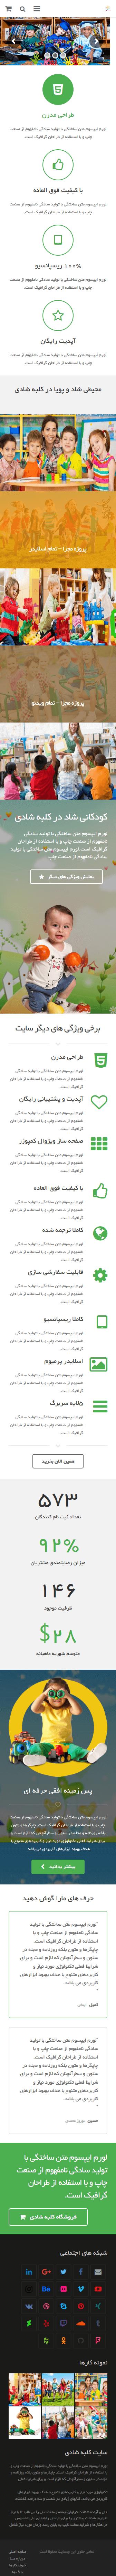 حالت موبایل سایت آموزشی کلبه شادی